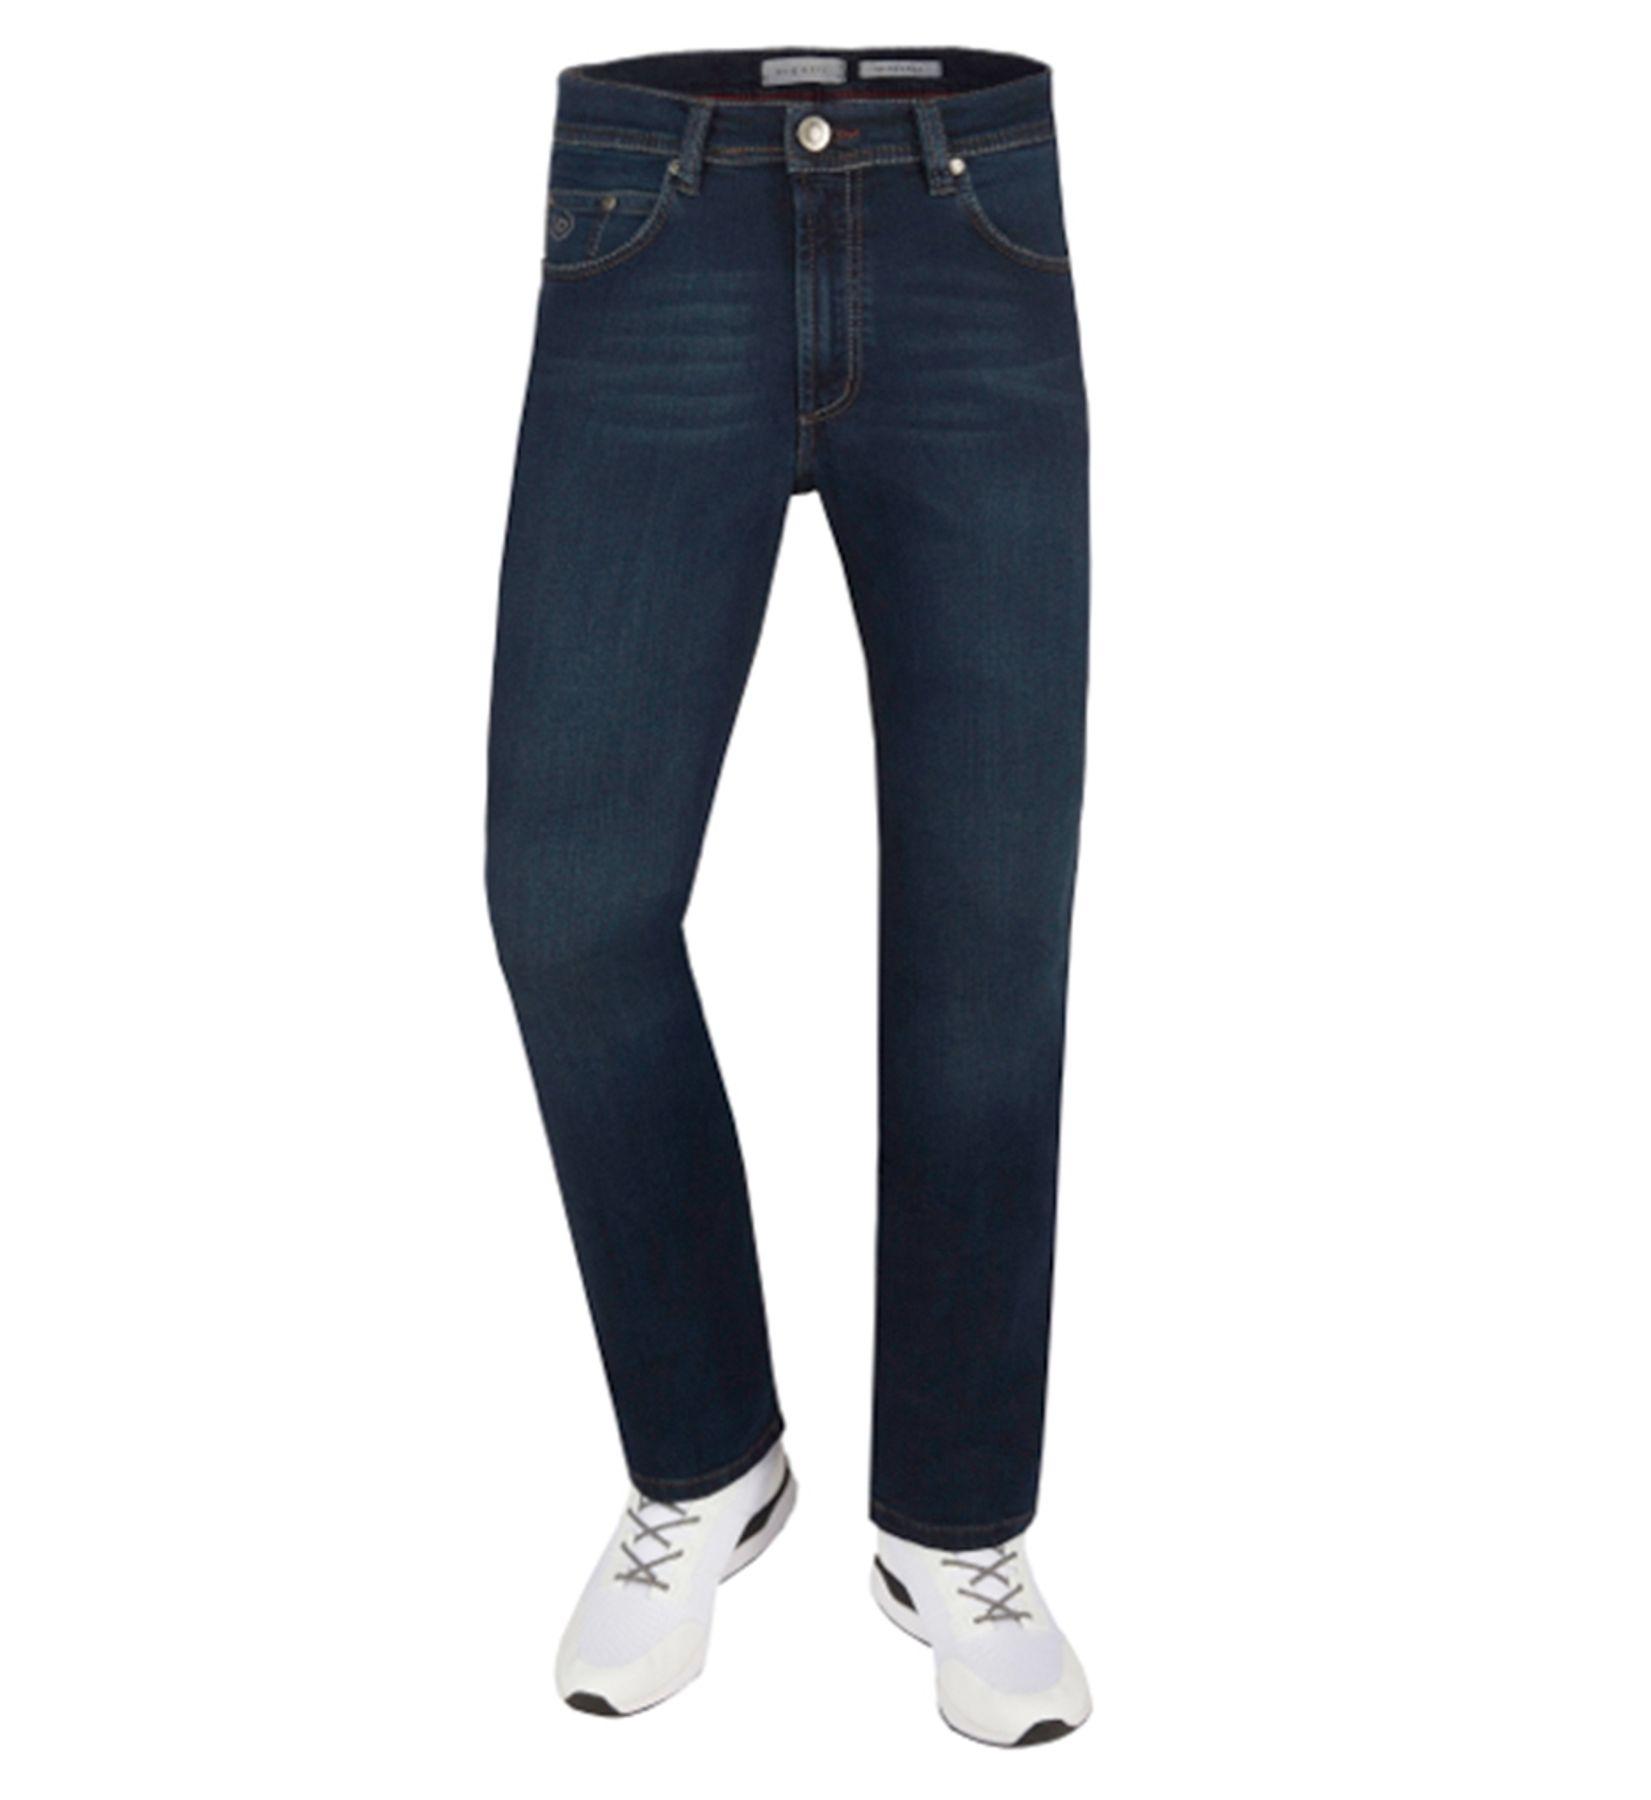 Bugatti - Herren Jeans mit 5 Taschen in verschiedenen Farben (Art. Nr.: 3280D-16640) – Bild 1